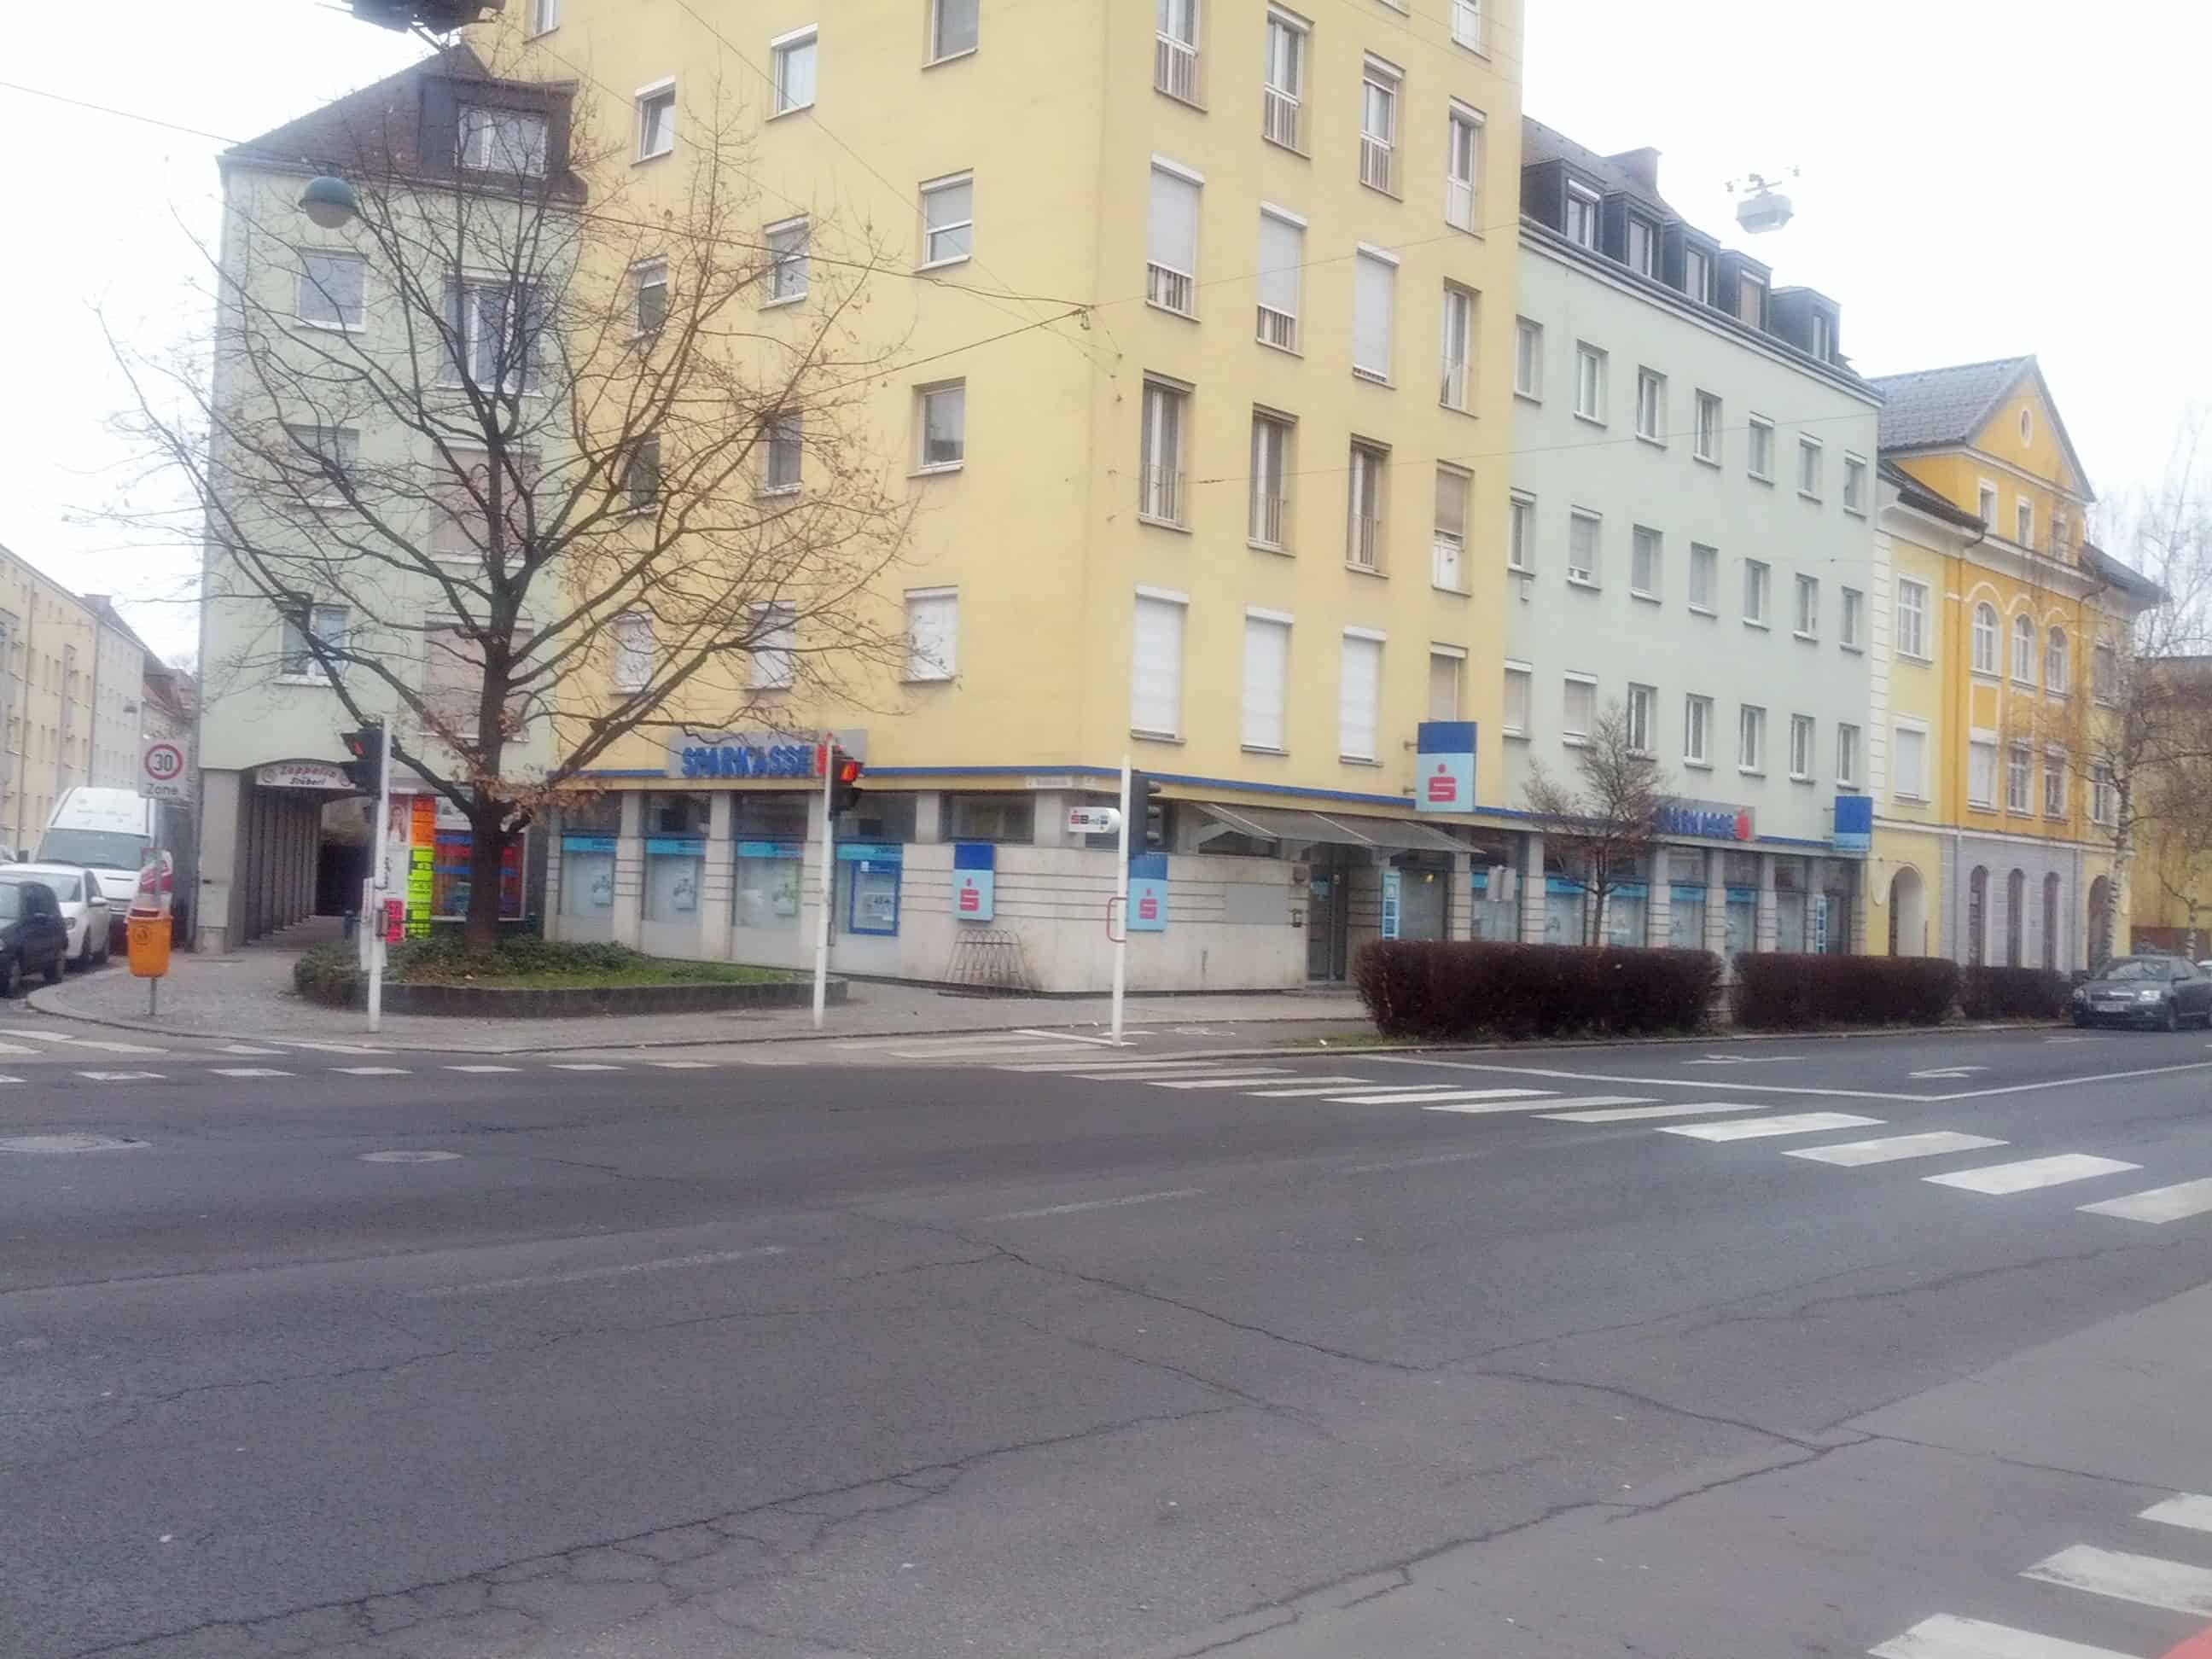 Allgemeine Sparkasse Oberösterreich BankAG Gest. Franckstraße